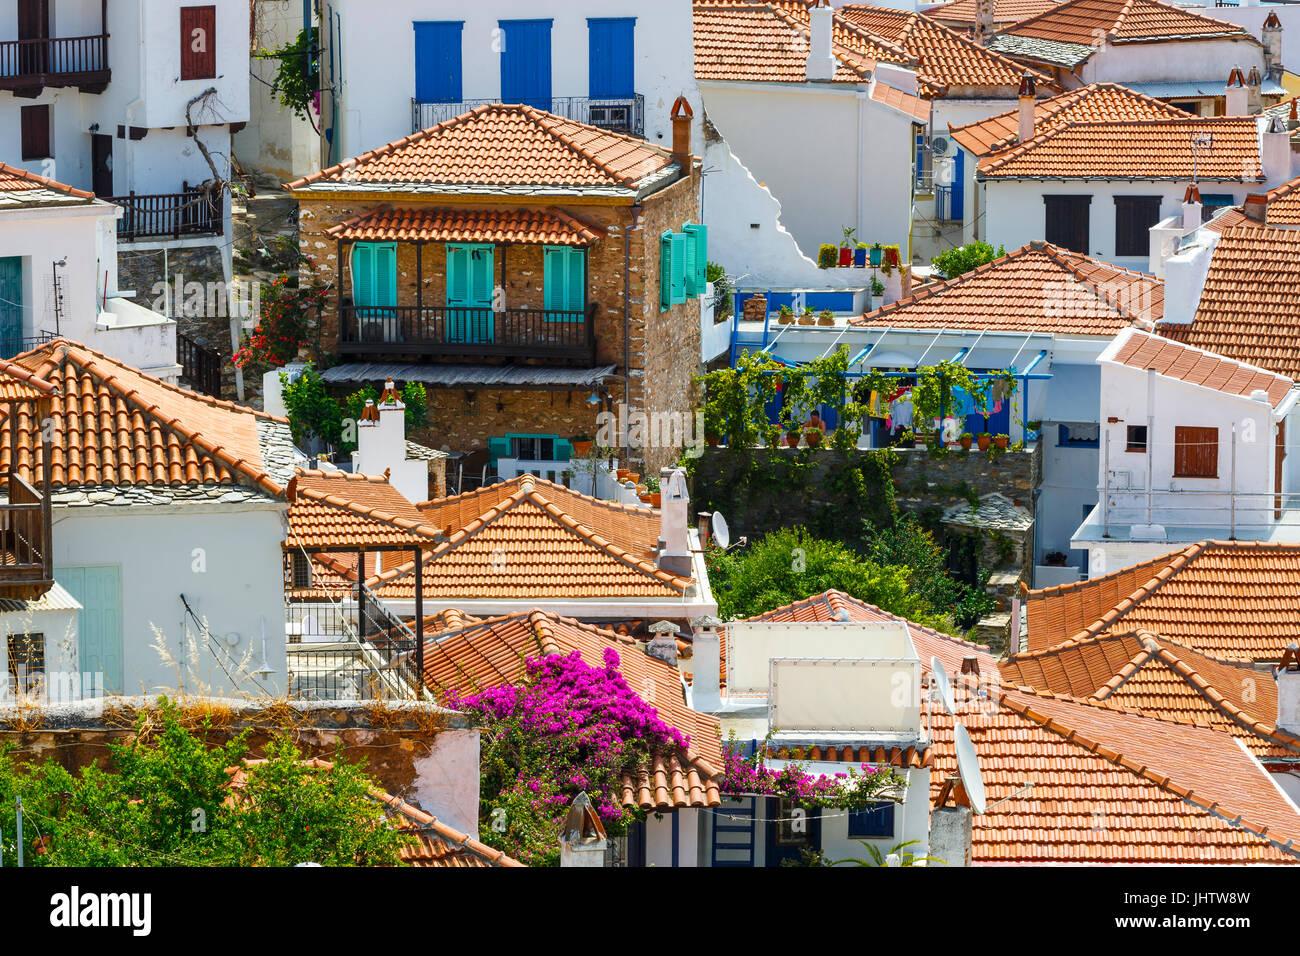 Case bianche con tetti rossi nella città di Skopelos, Grecia. Foto Stock